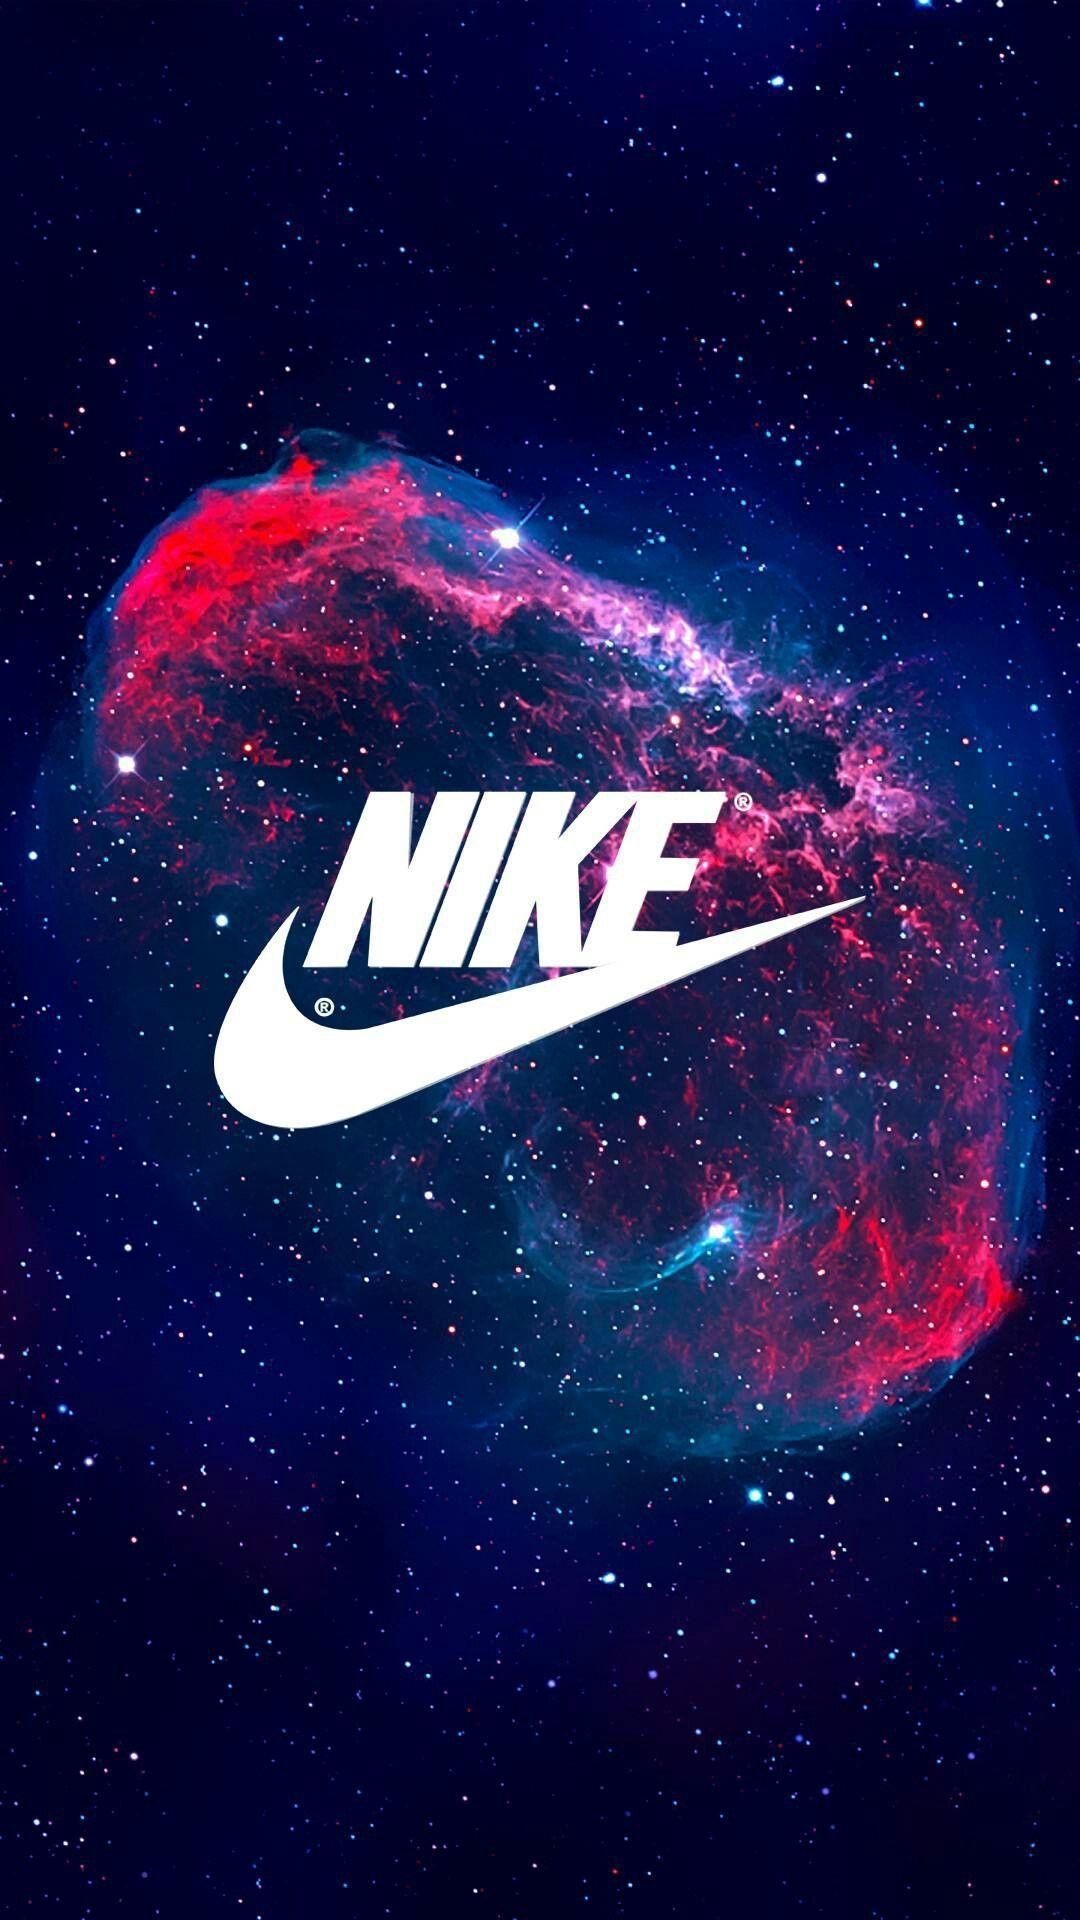 Pin By Ocean Kiki On Nike Nike Logo Wallpapers Nike Wallpaper Nike Wallpaper Iphone